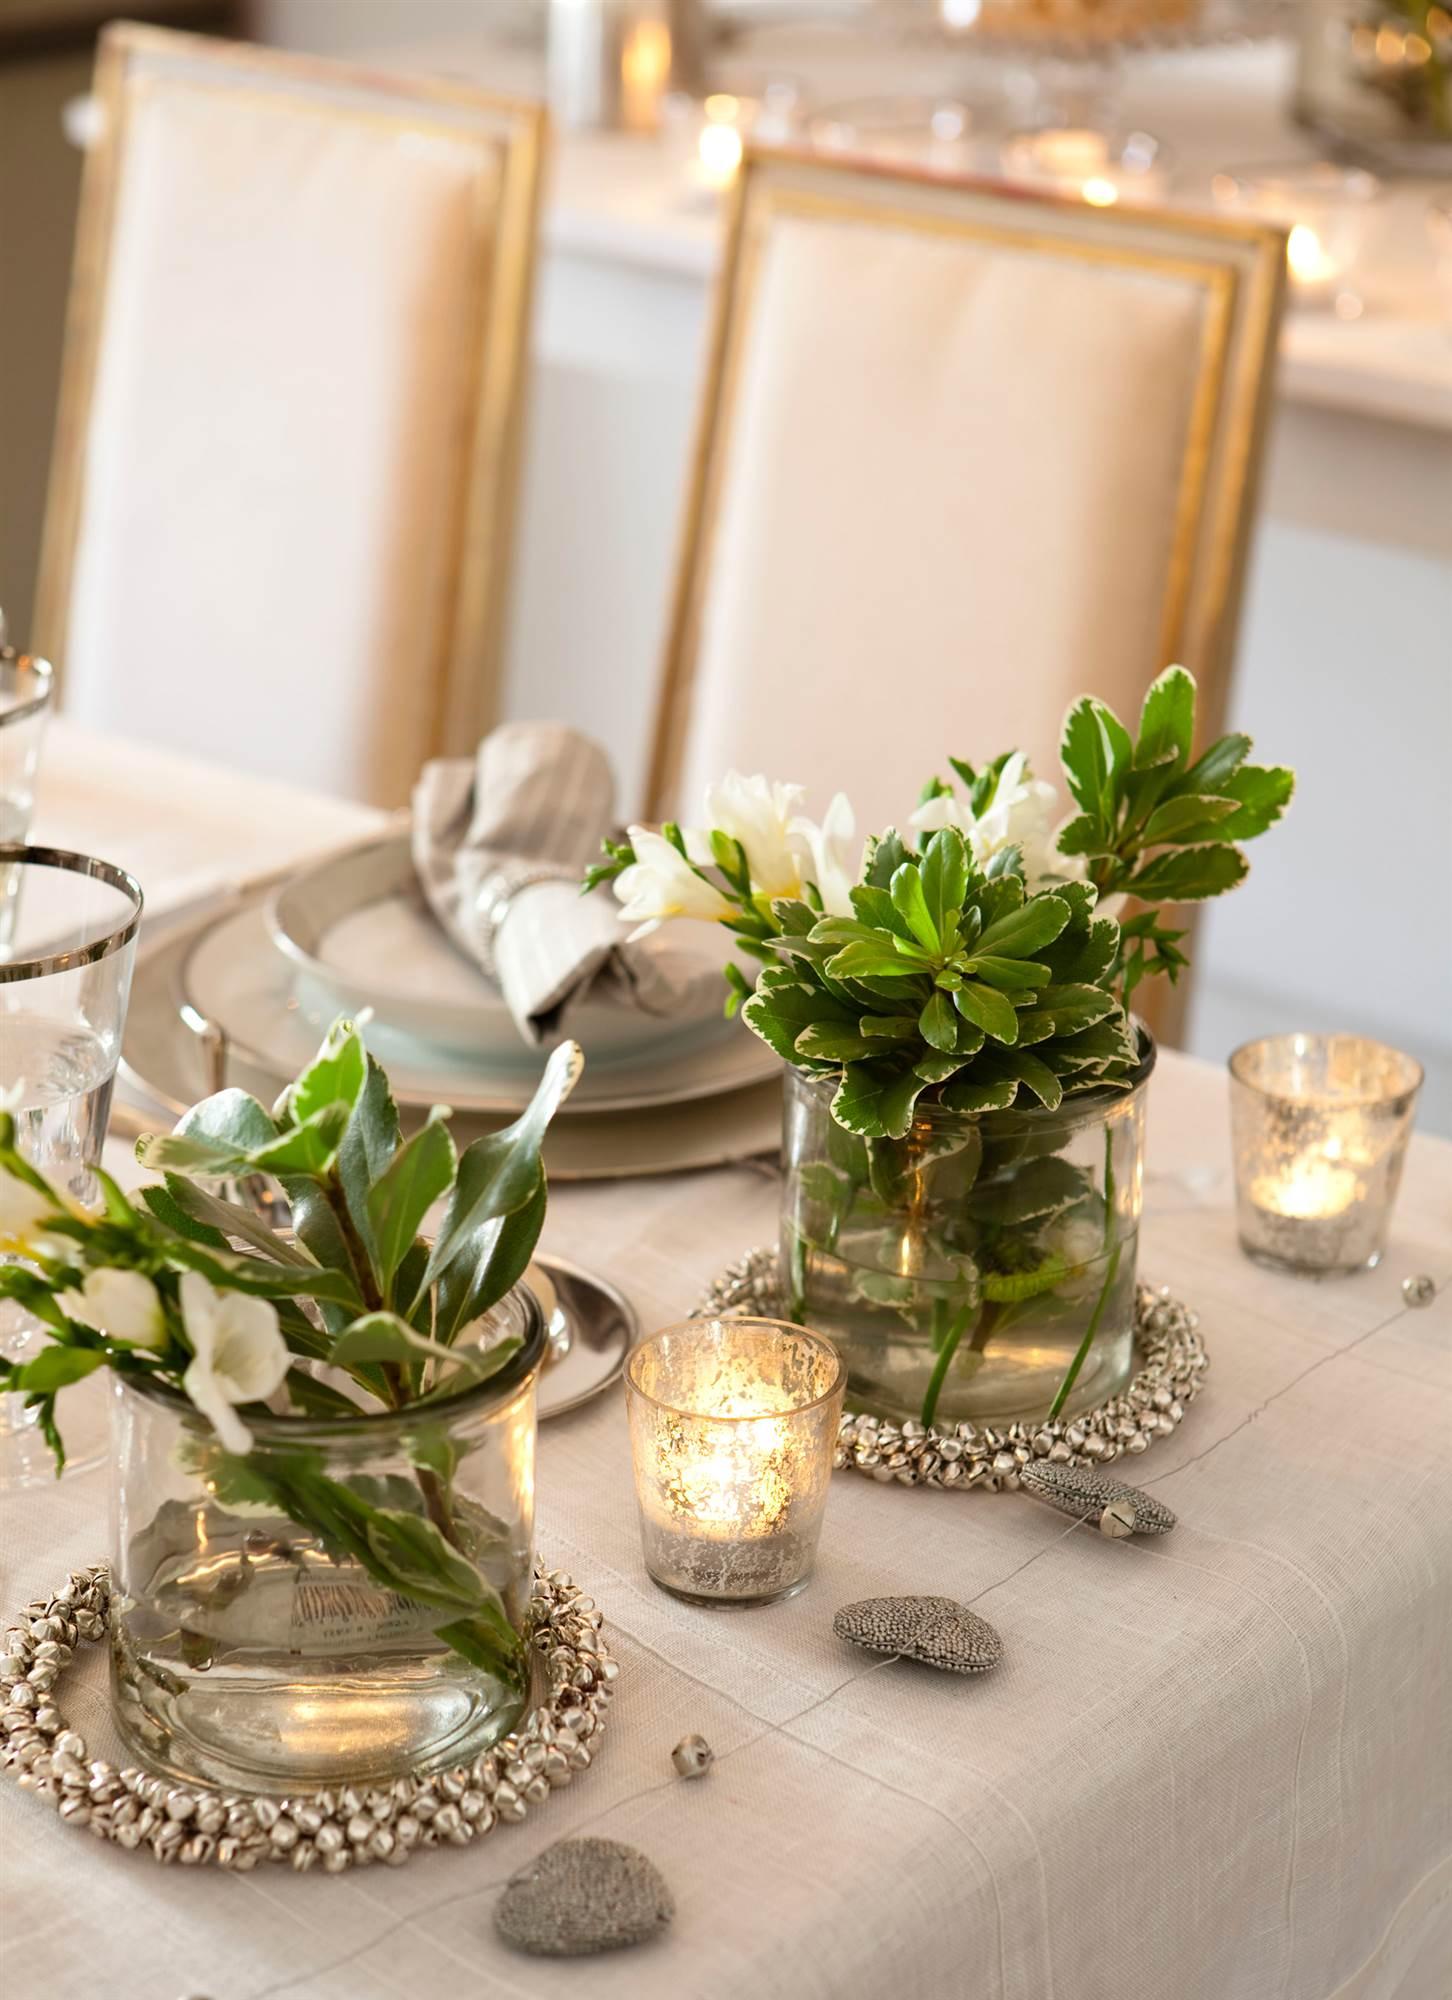 M s de 30 detalles para llenar de magia tu casa esta navidad for Ideas para decorar la casa facil y economico